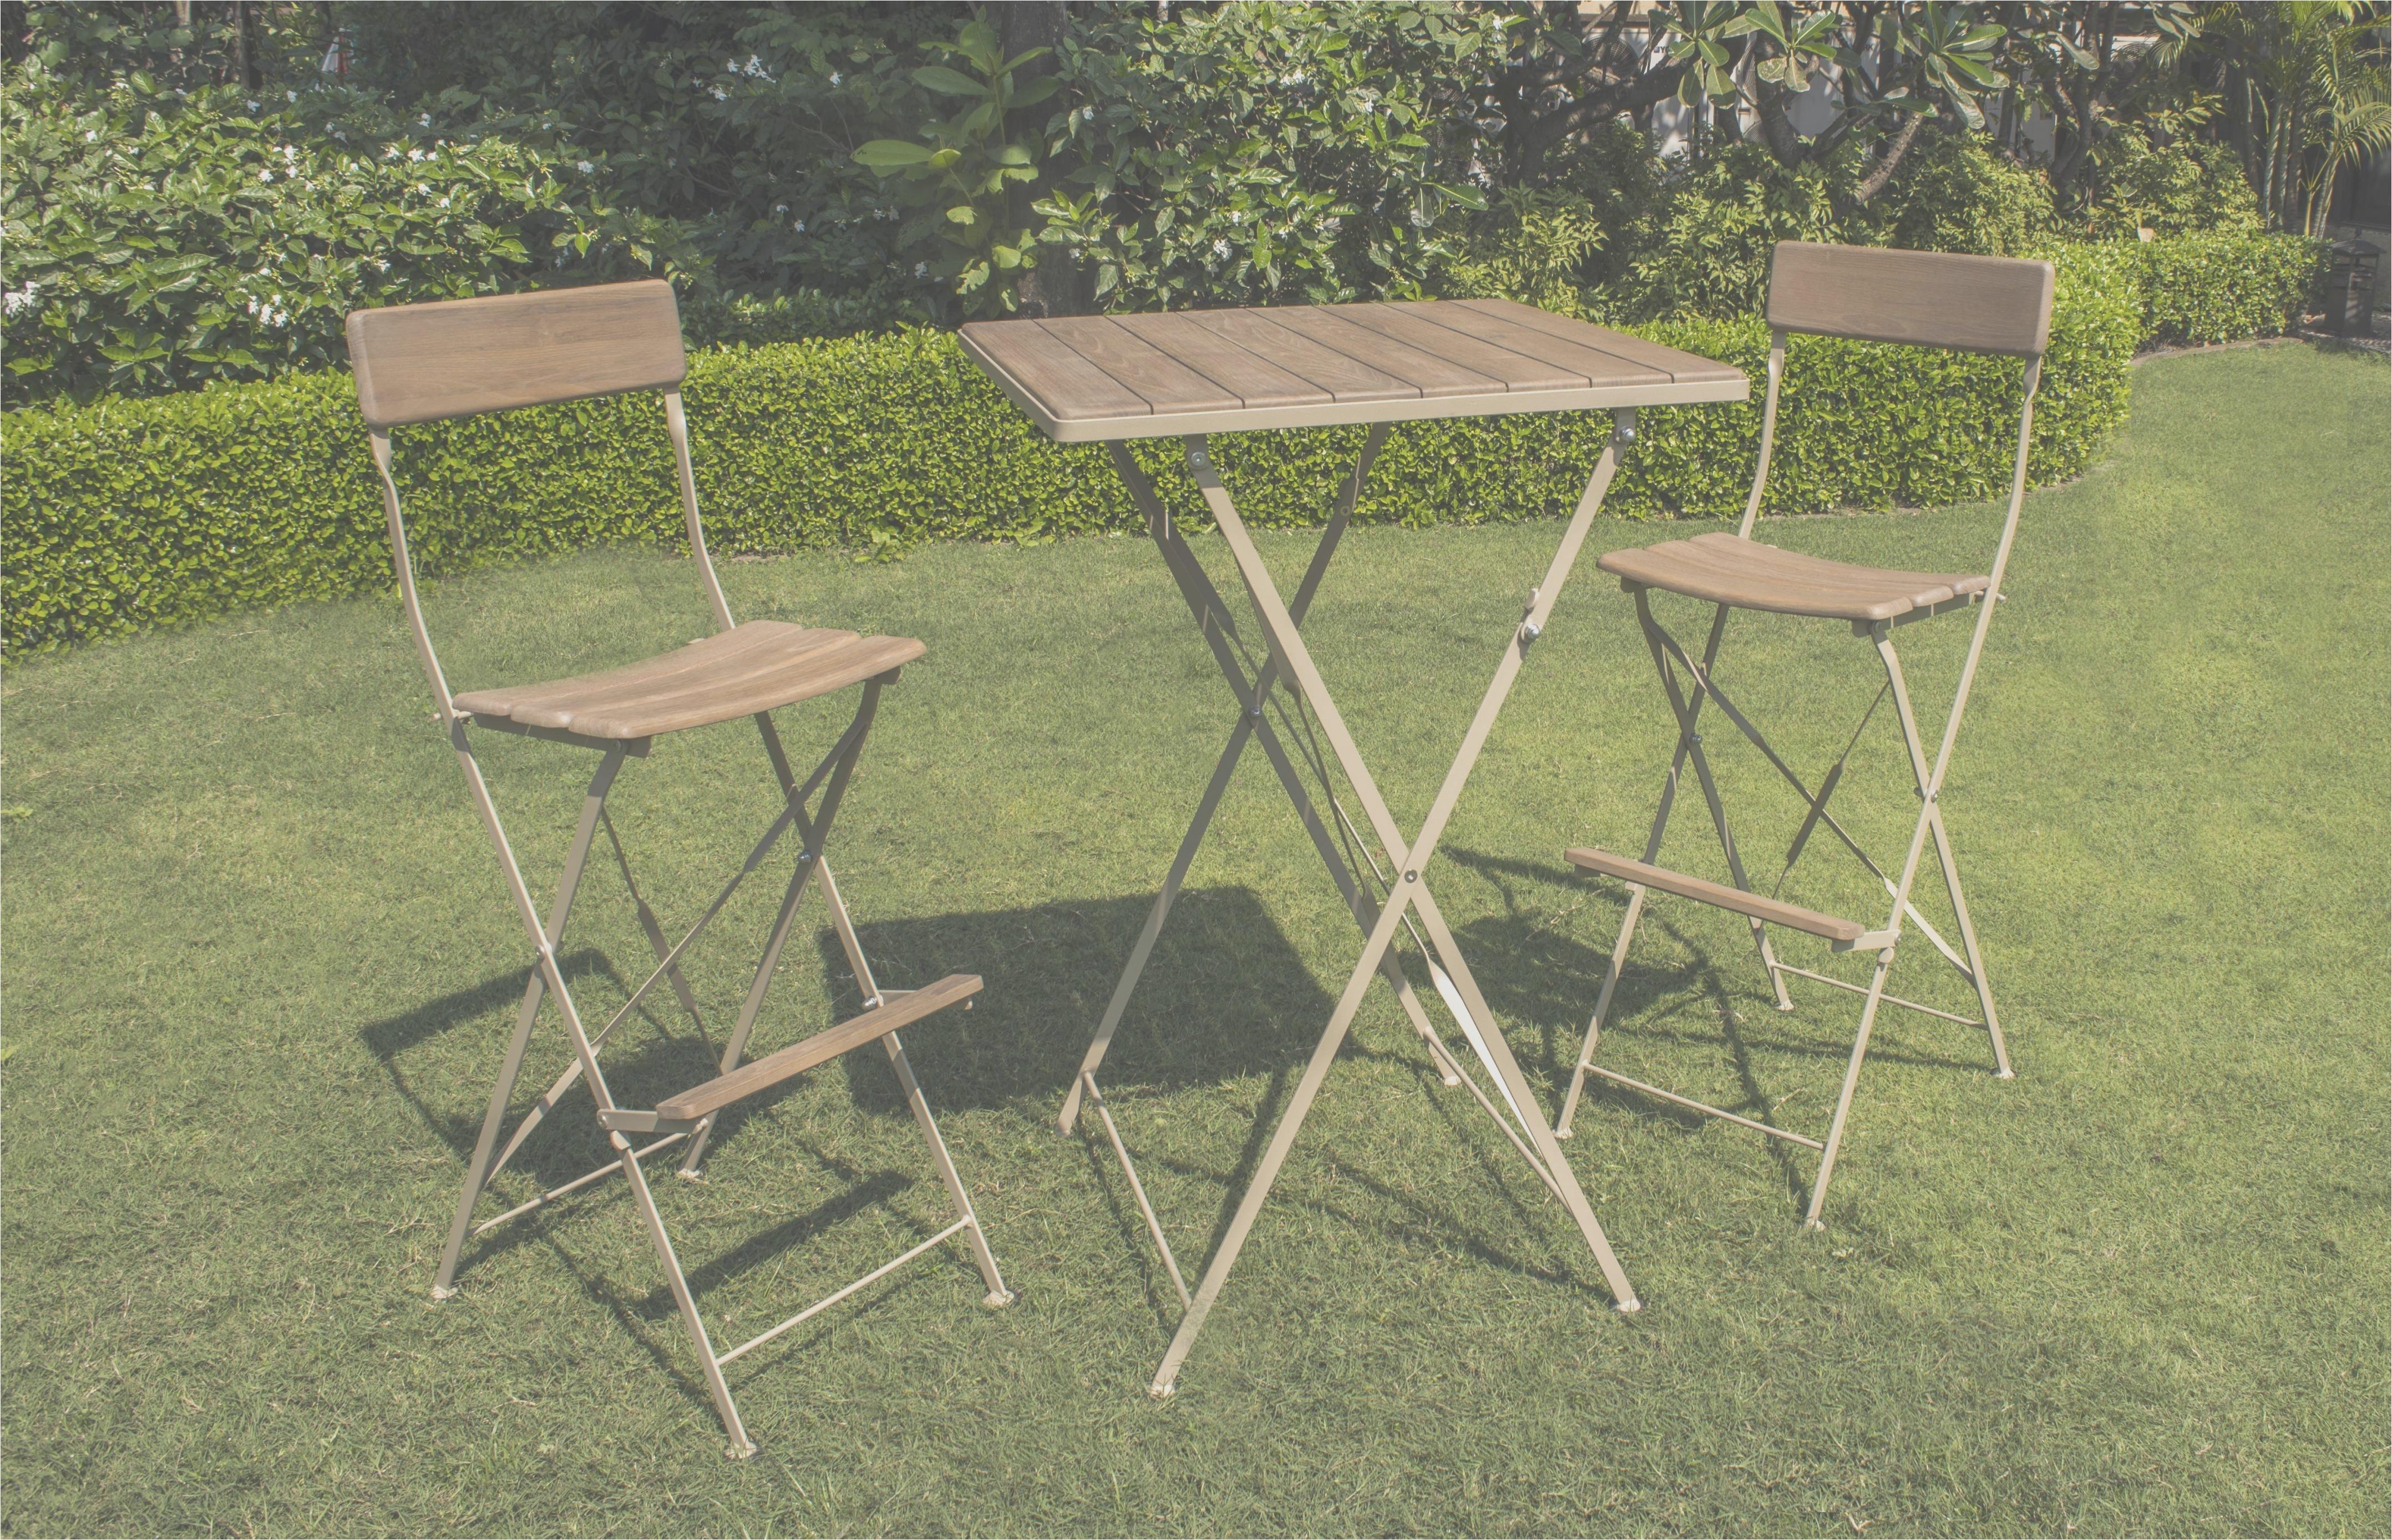 Table De Jardin Intermarche Beau Photos Intermarché Table De Jardin Ainsi Que Fascinant Admiré Chaise Longue